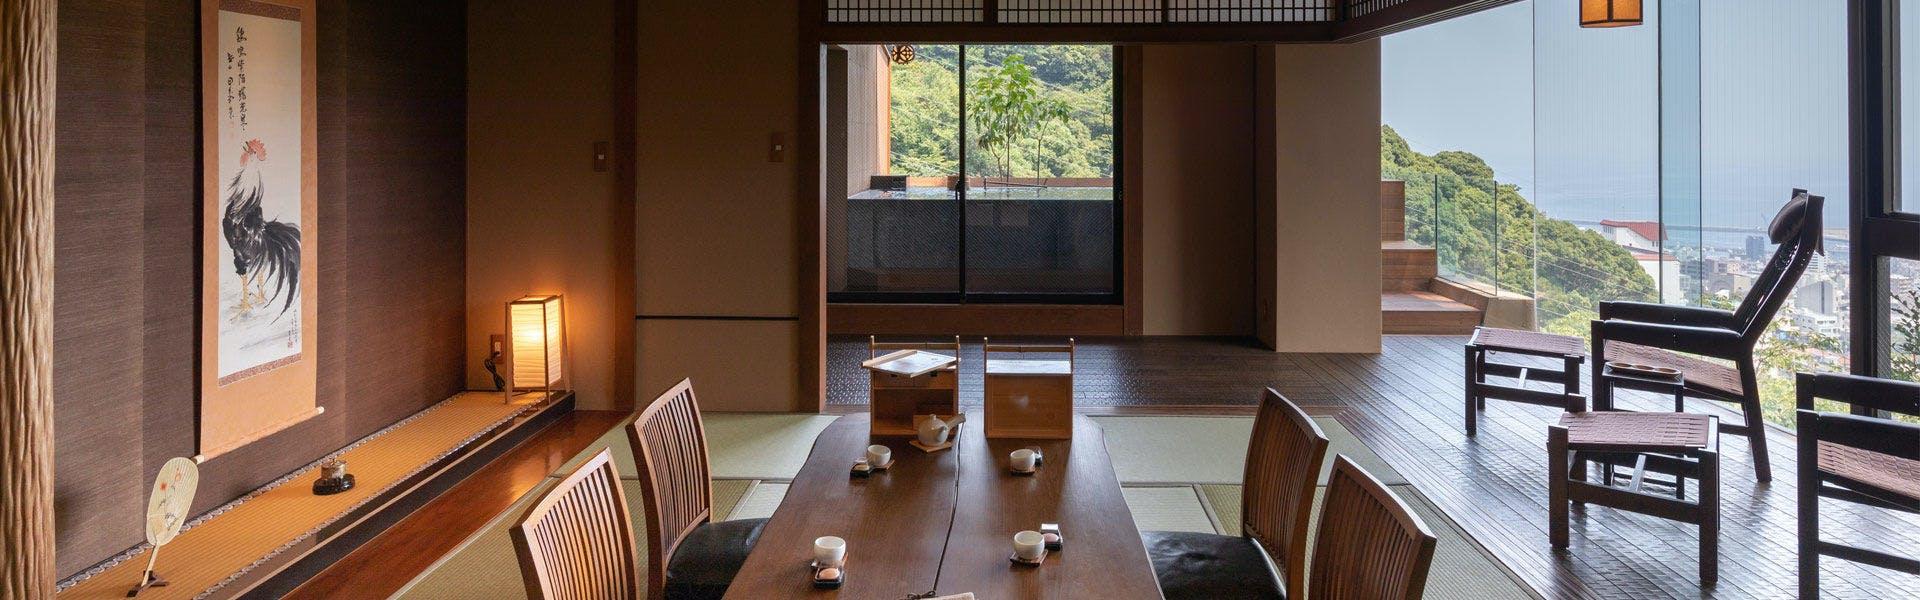 記念日におすすめのホテル・WA亭 風こみちの写真2